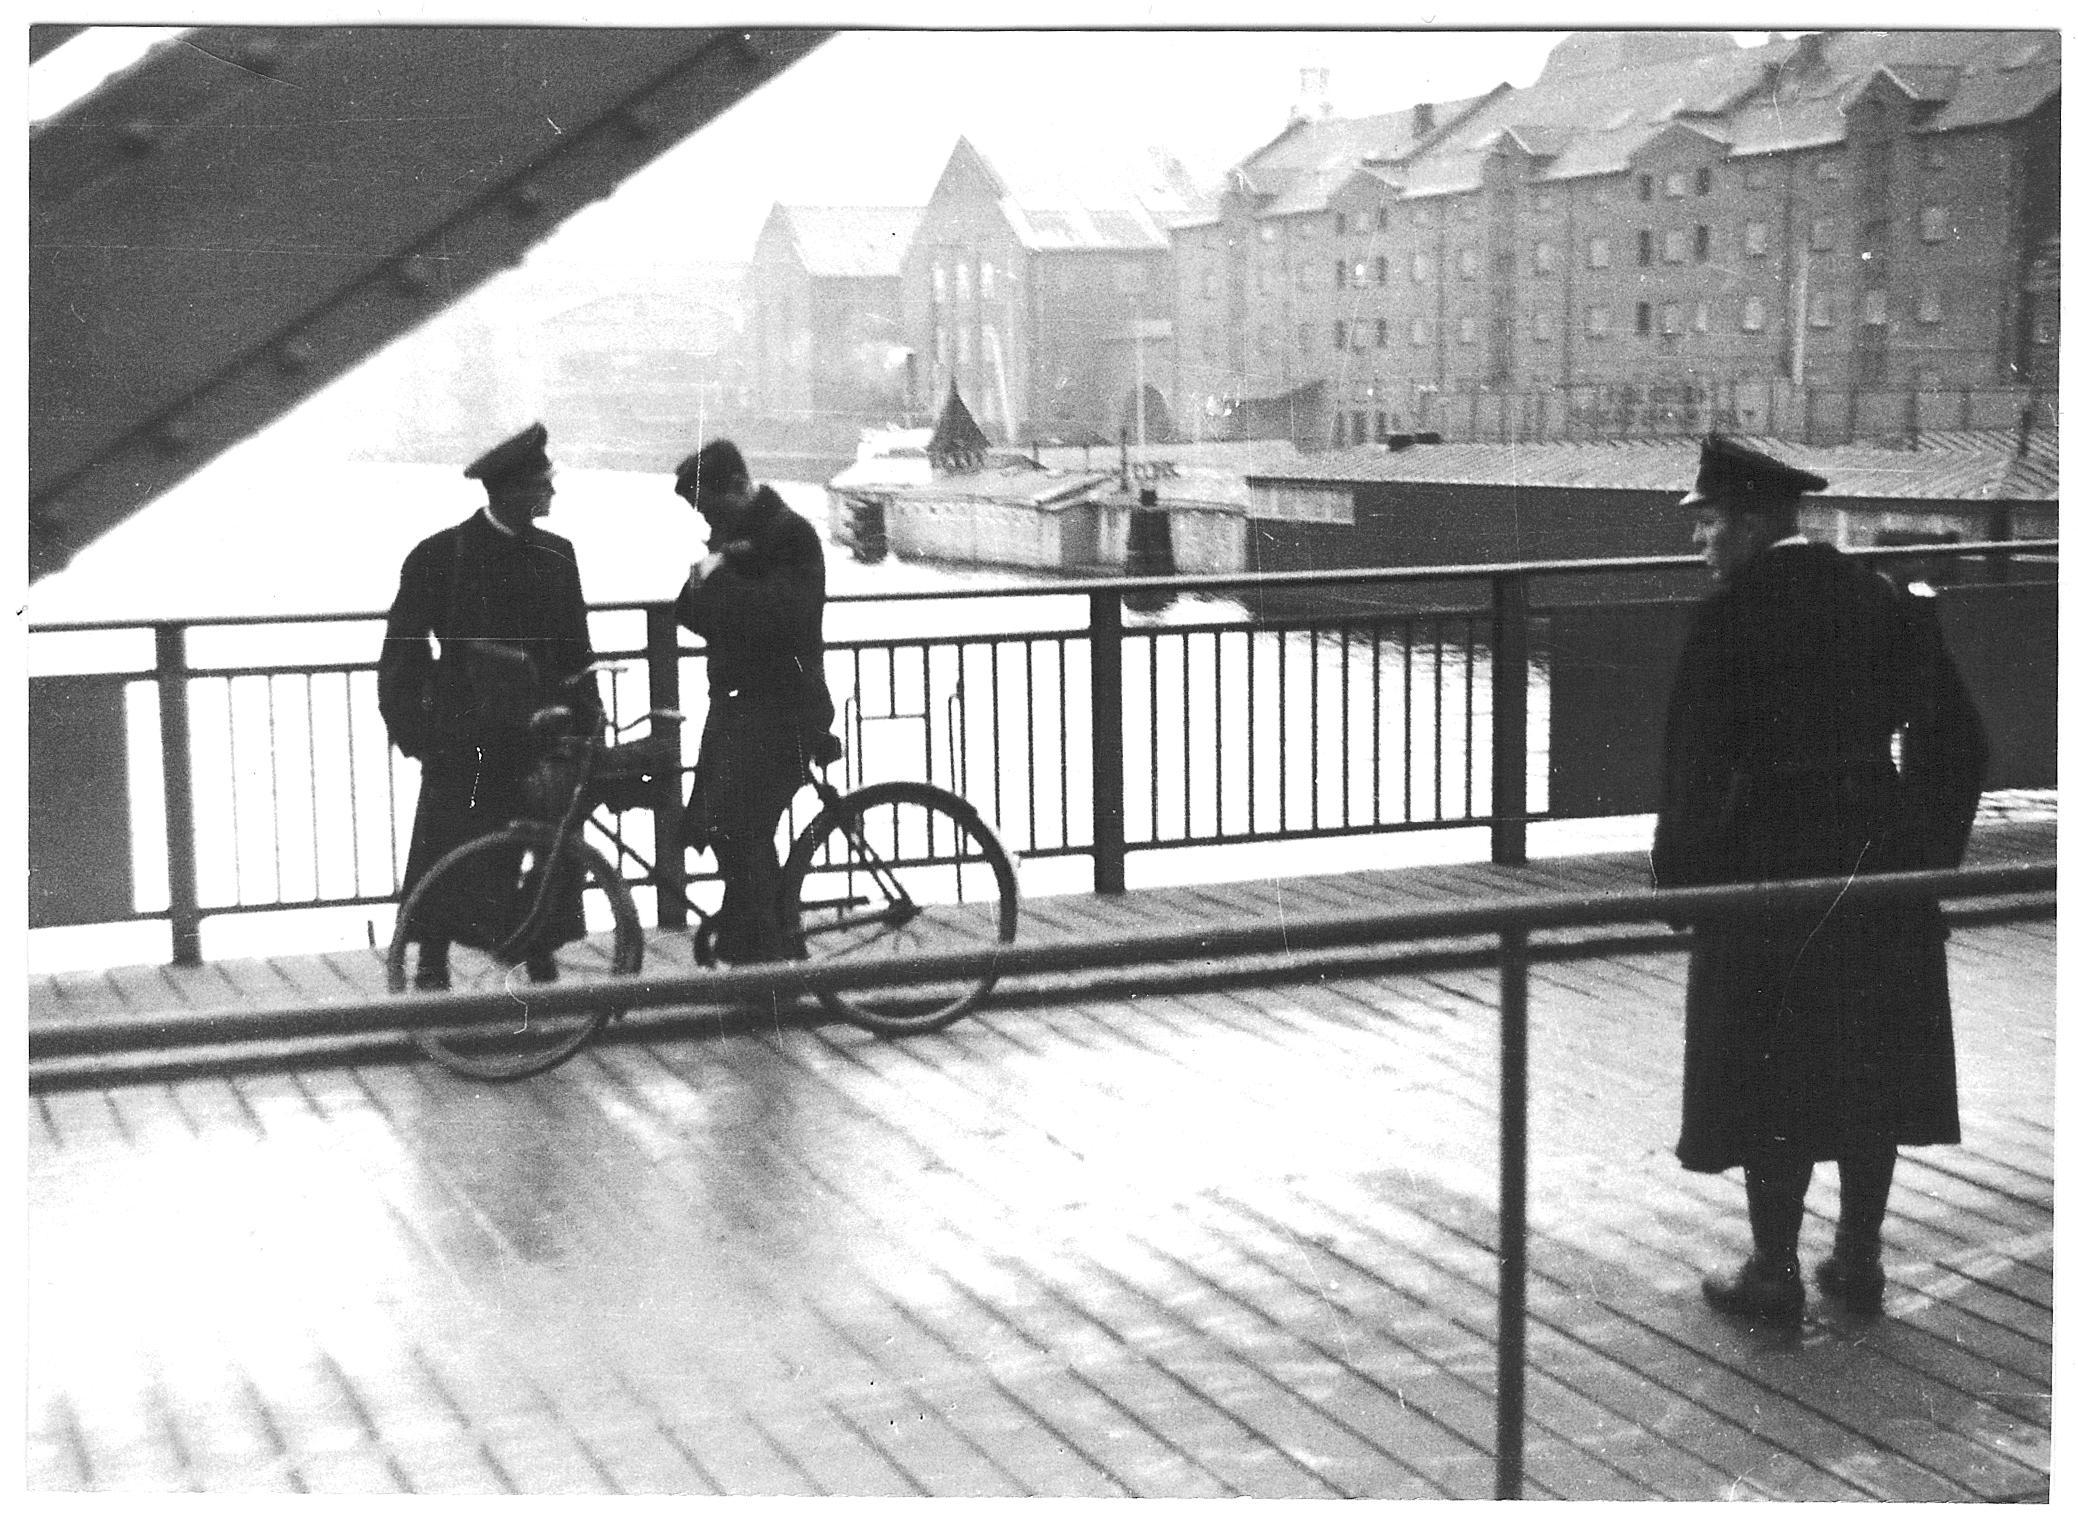 1944. ХИПО (датский корпус вспомогательной полиции, образованный гестапо) проверяет удостоверения личности у людей пересекающих мост Лангебро